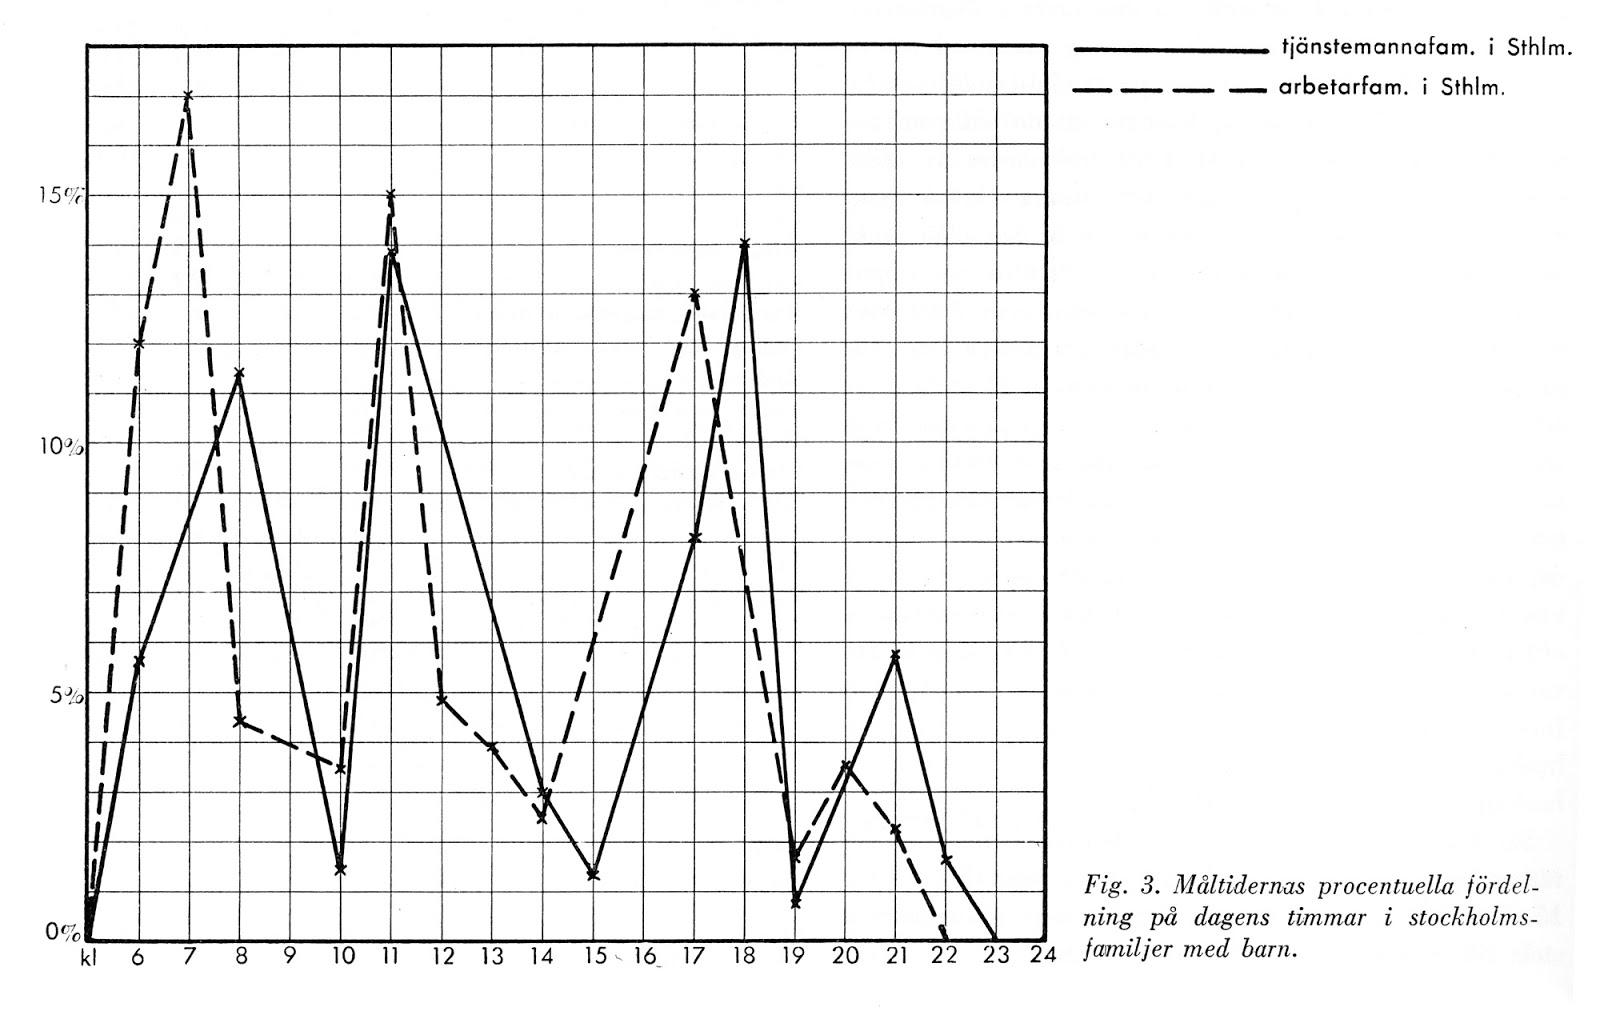 Representation 3 Diagram Hemmens Forskningsinstitut